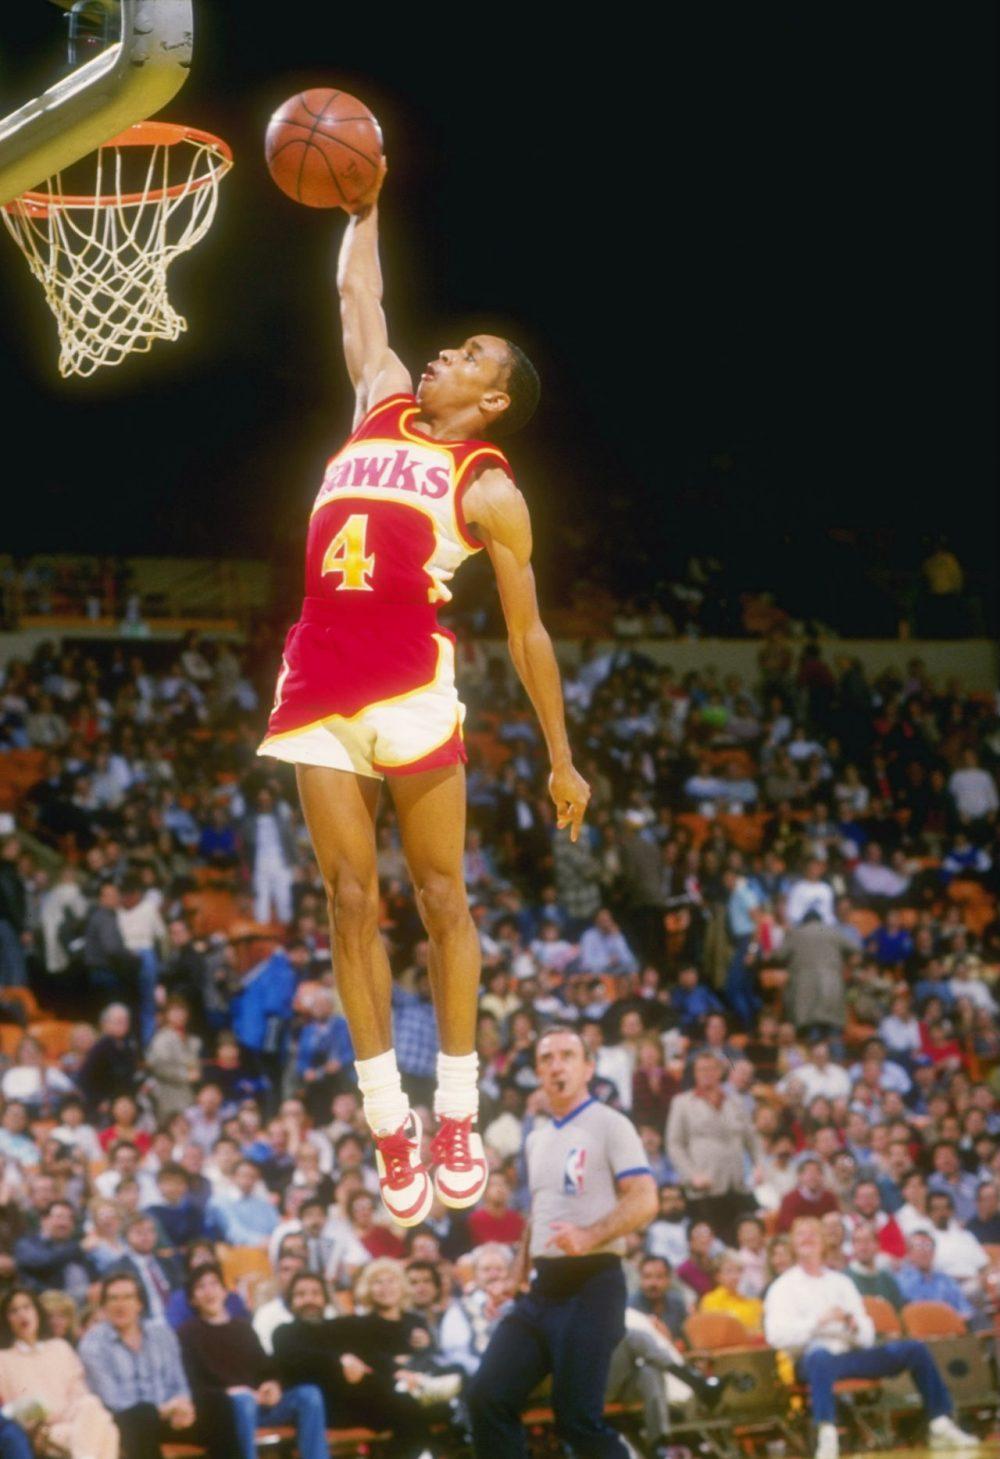 Antes la NBA molaba más: Basket viejuno - Página 3 0211_spud-webb-getty-1000x1459